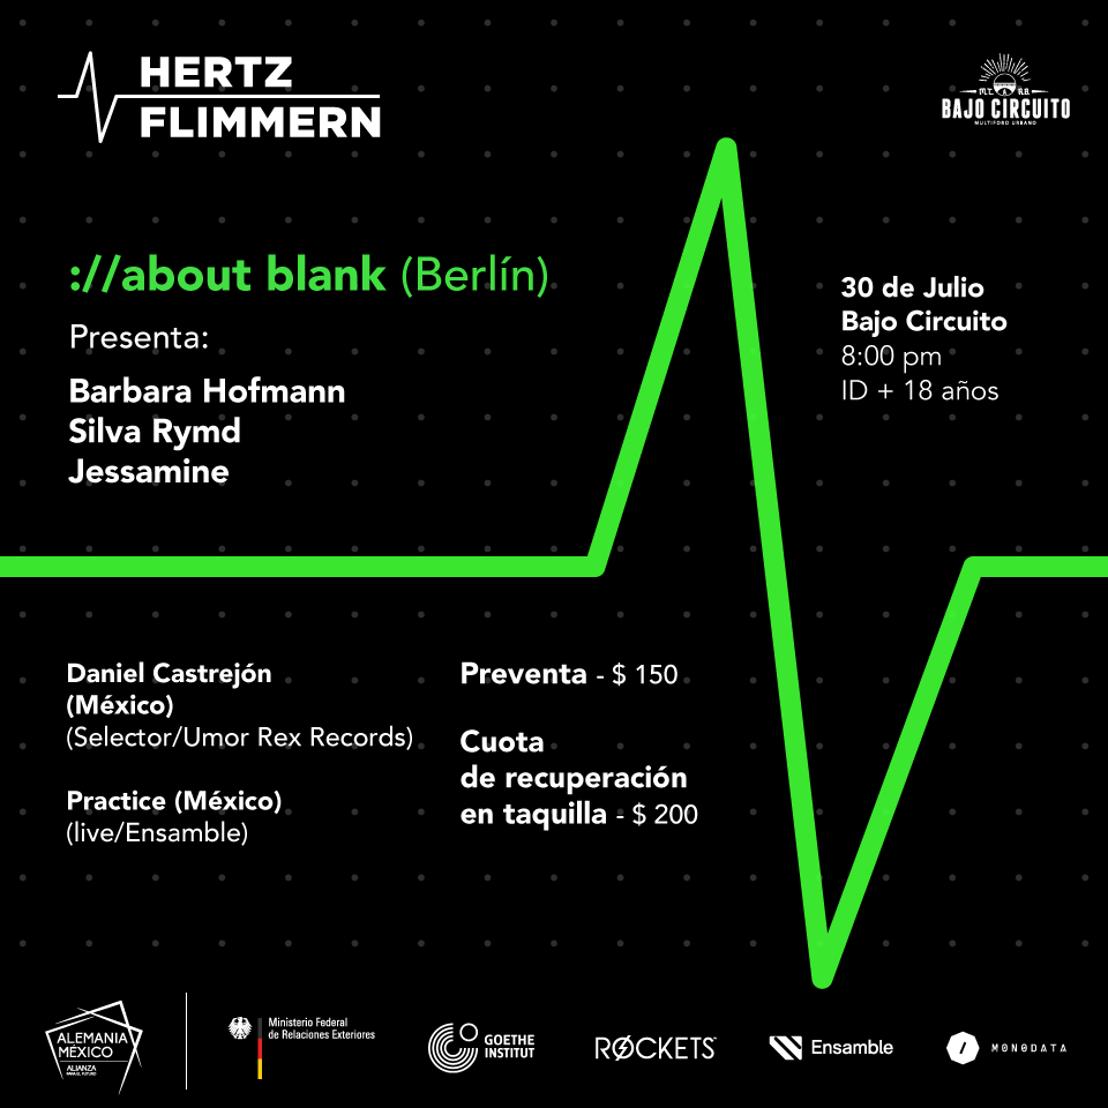 HERTZflimmern presenta  ://about blank